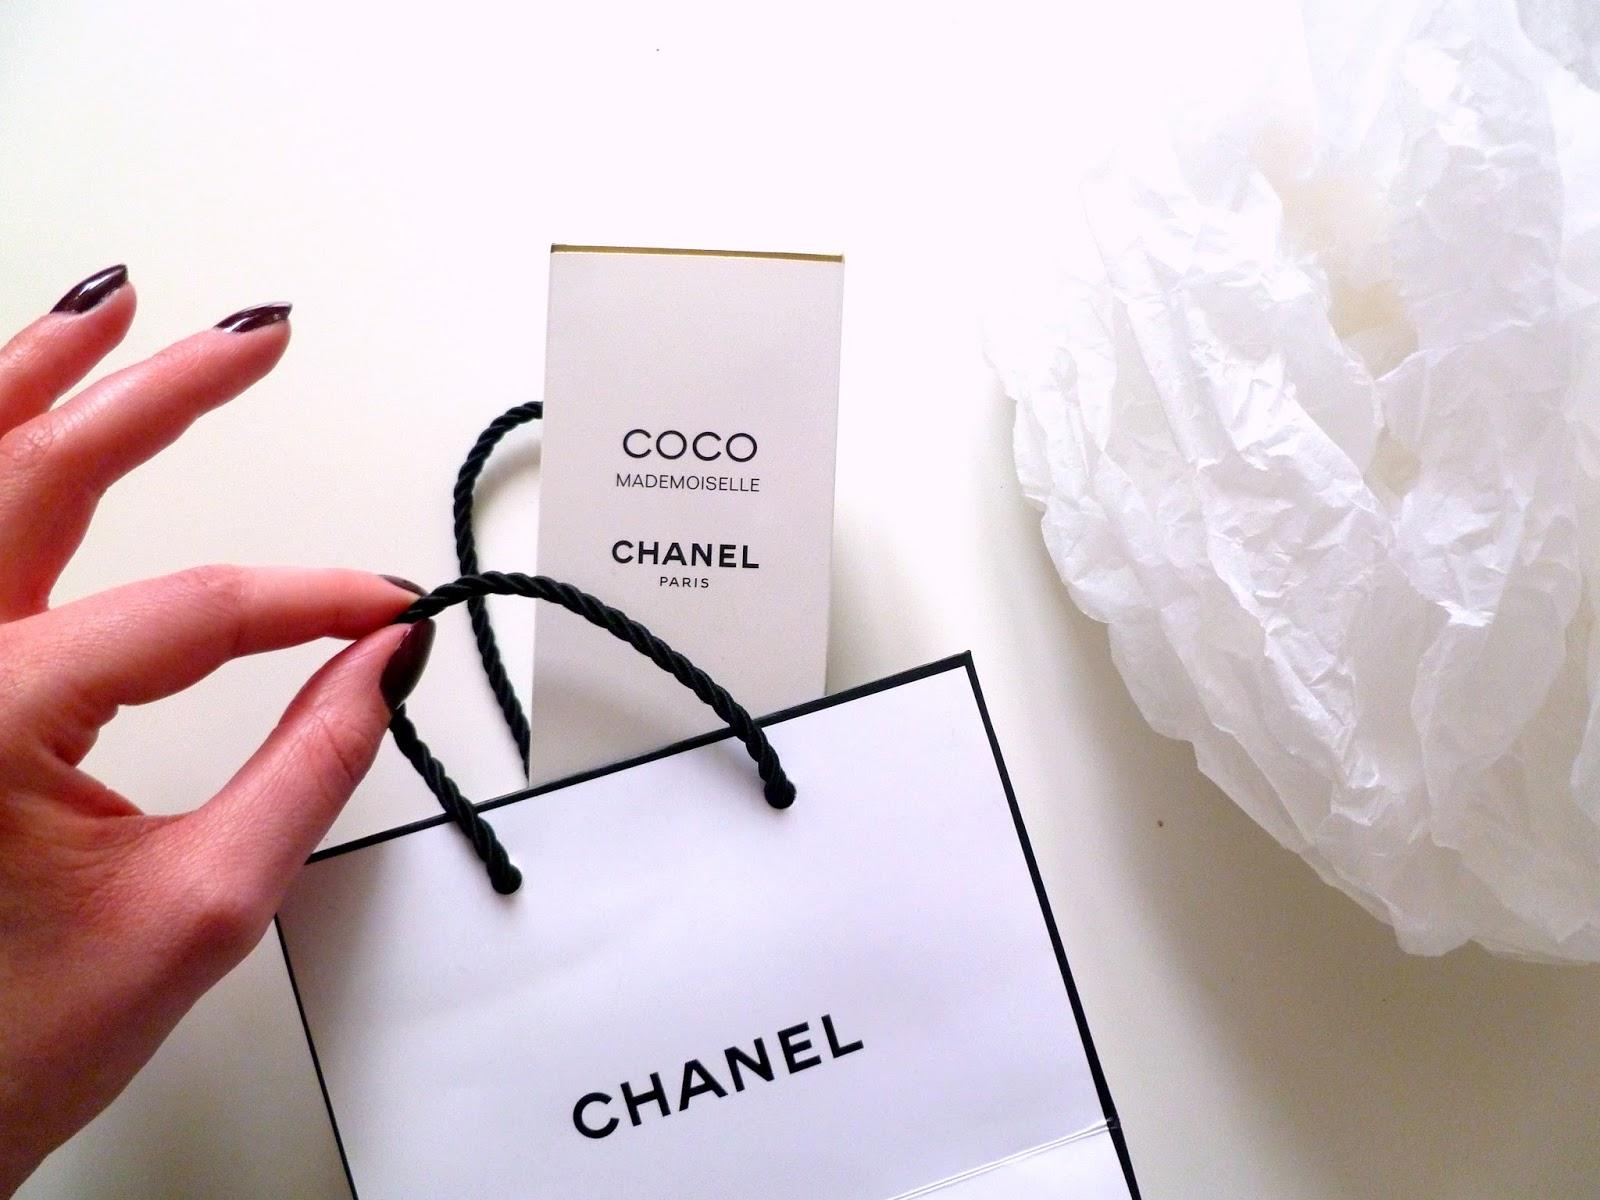 coco mademoiselle de chanel mon parfum chouchou the mariette blog blog beaut. Black Bedroom Furniture Sets. Home Design Ideas